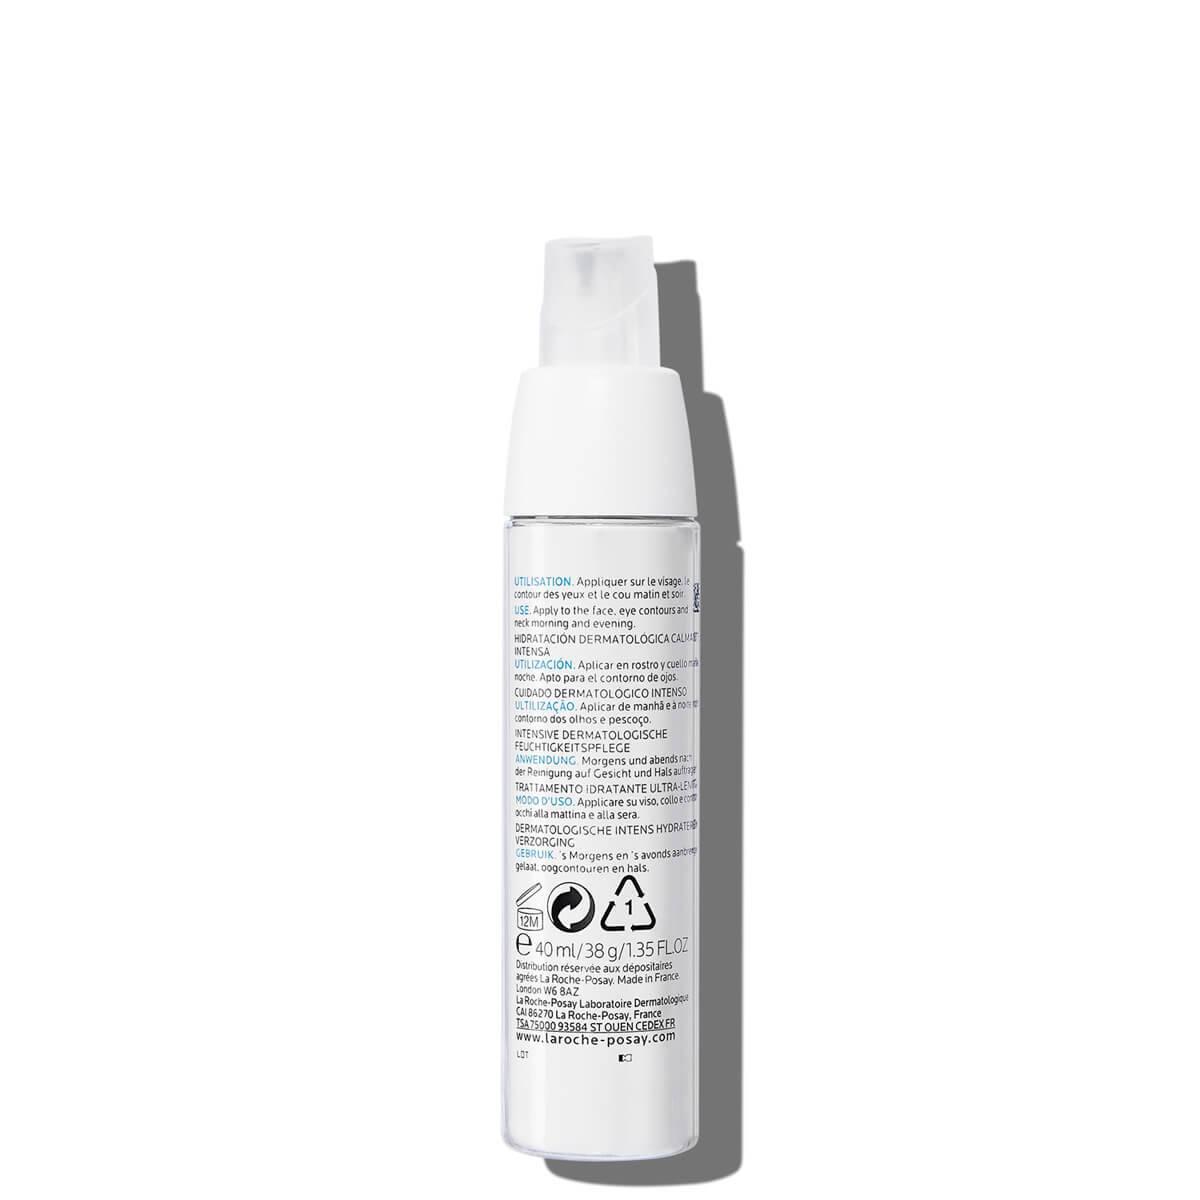 La Roche Posay Tuotesivu Herkkä Atopiaan taipuvainen iho Toleriane Ultra 40ml 333